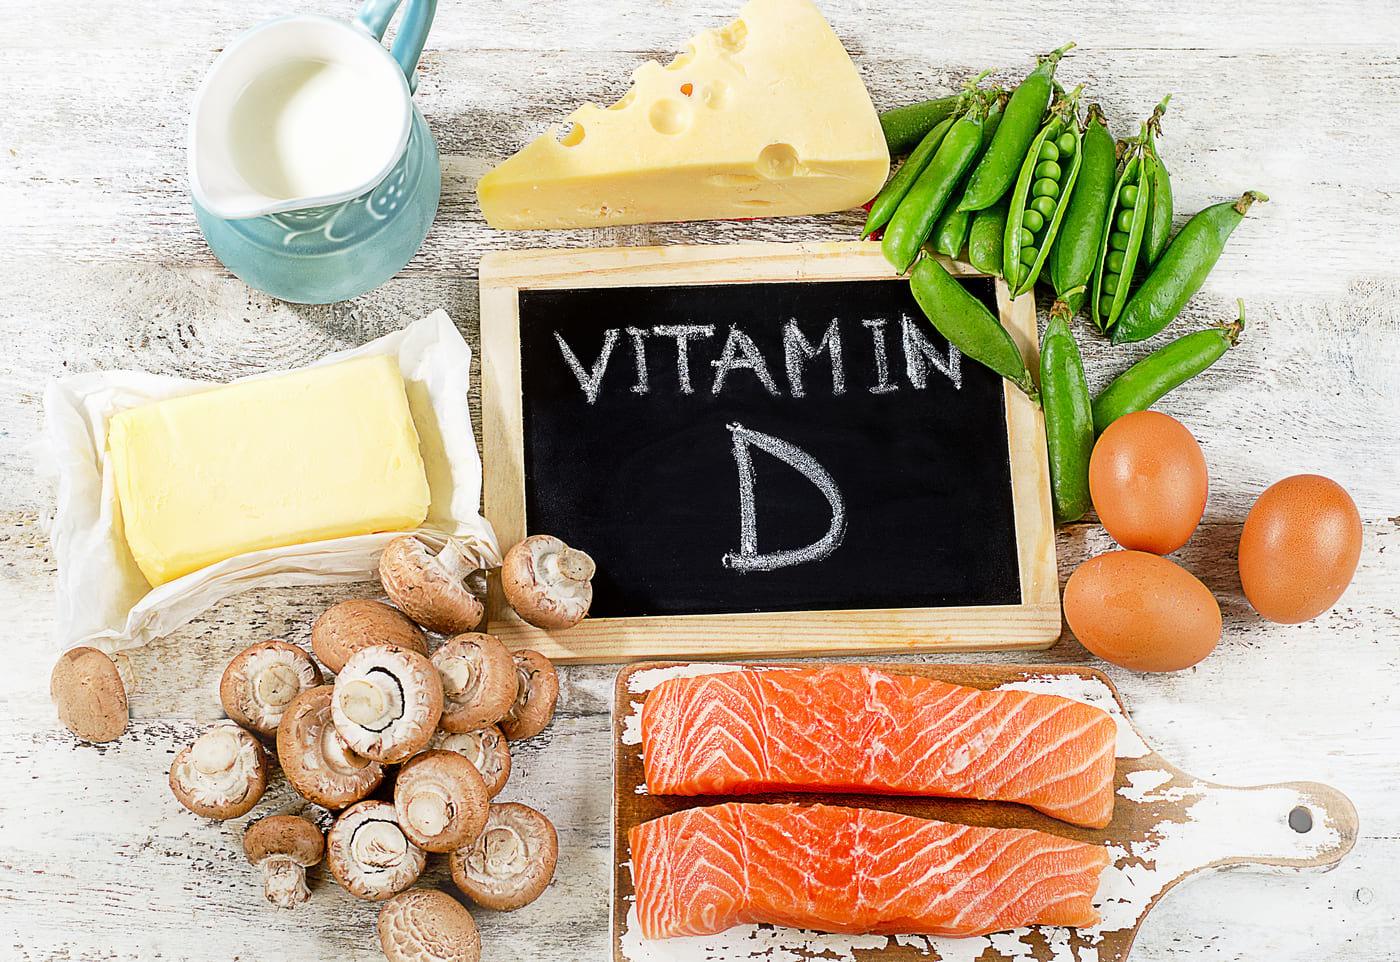 Vitamina D poate proteja adulții mai tineri împotriva cancerului colorectal